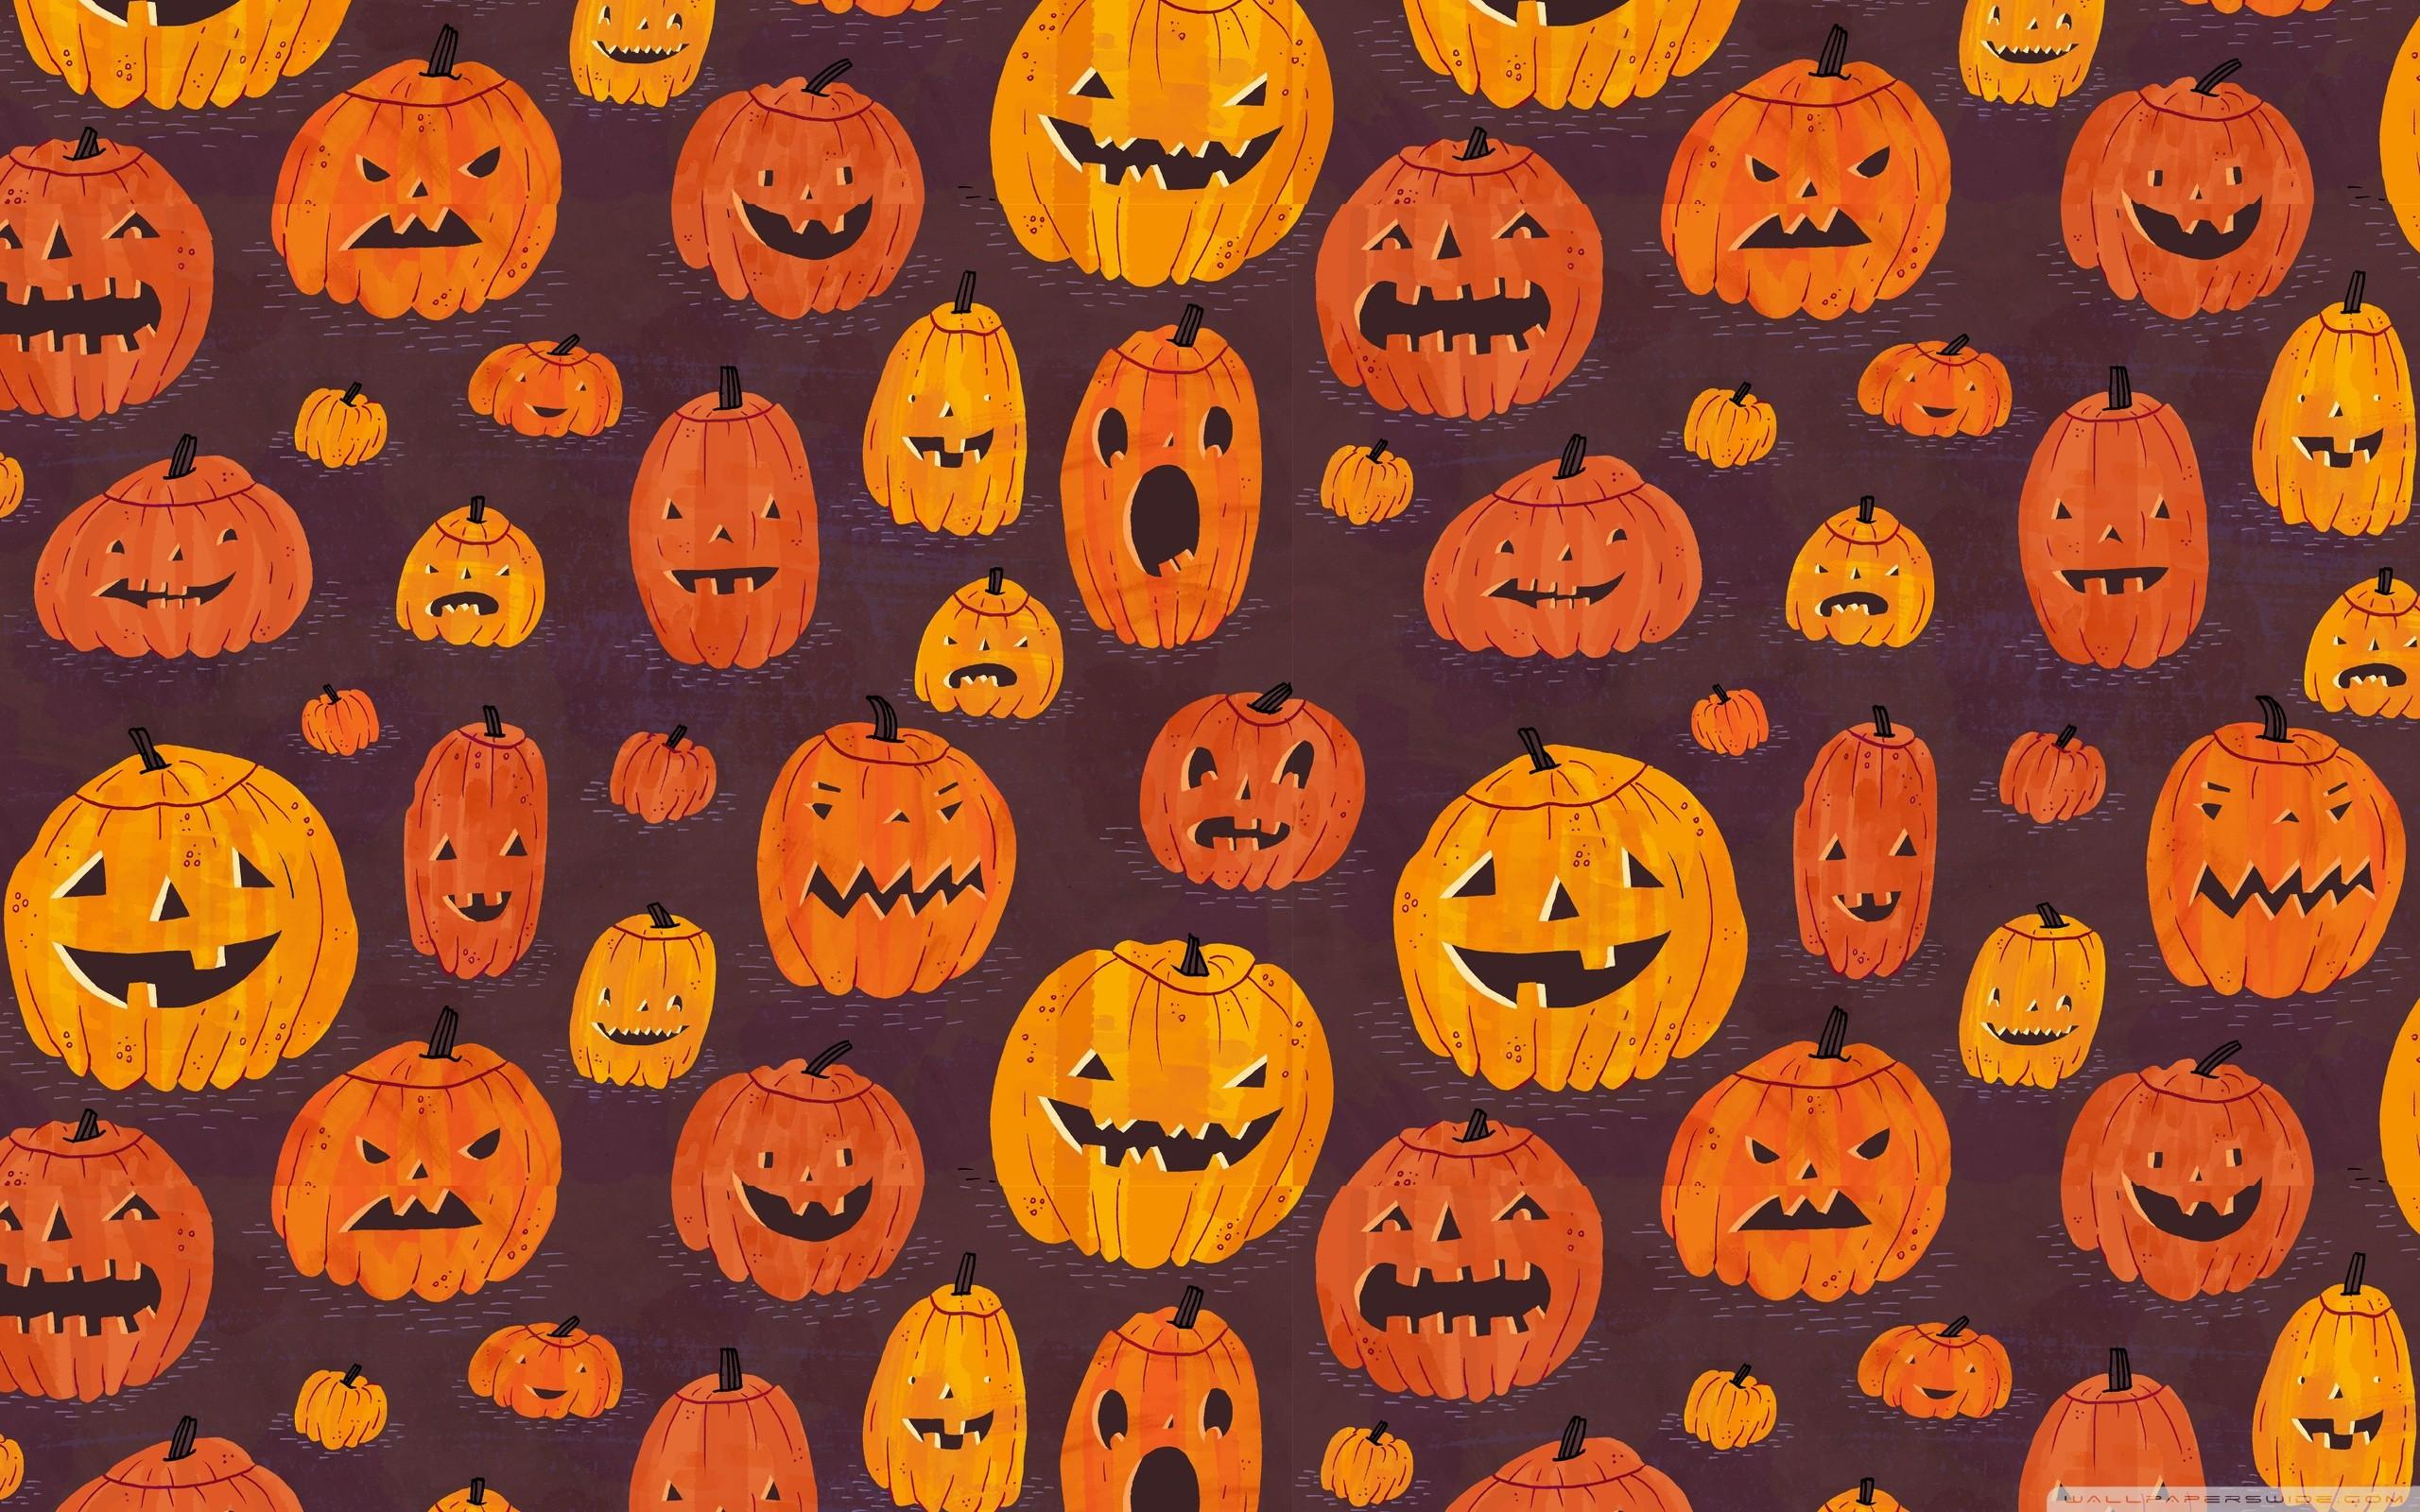 Halloween Desktop Wallpaper 68 images 2560x1600